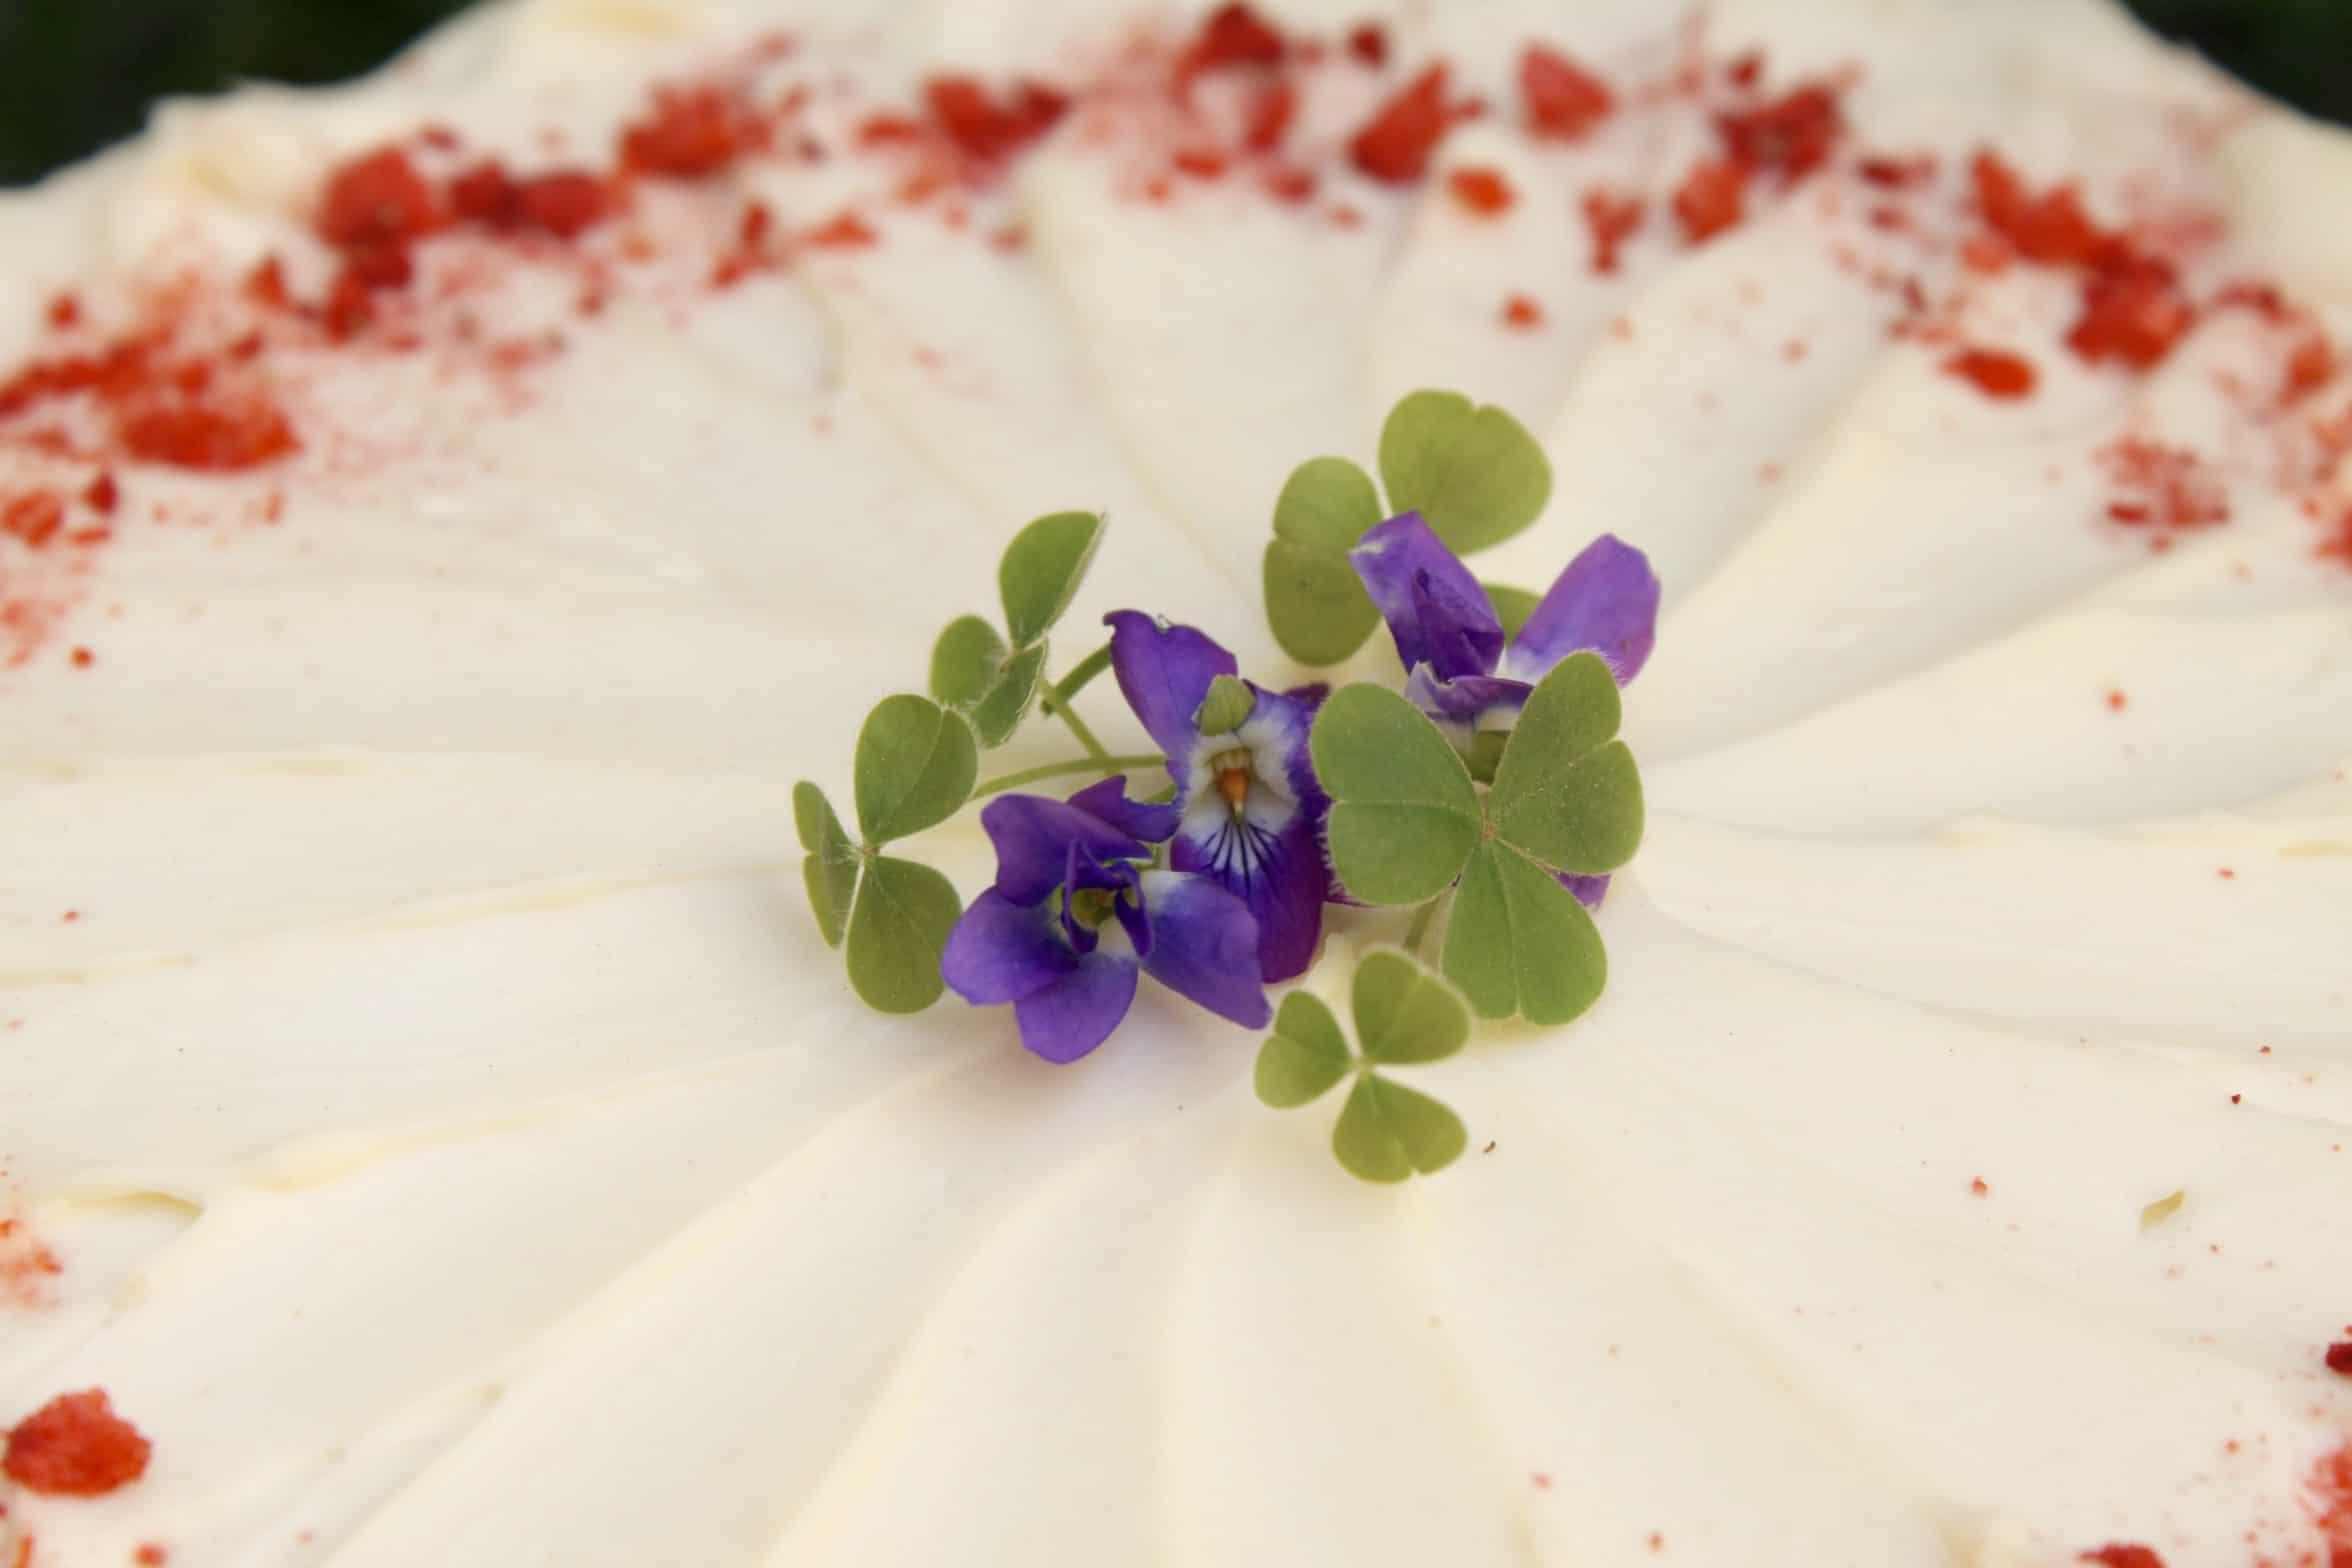 violets on cake